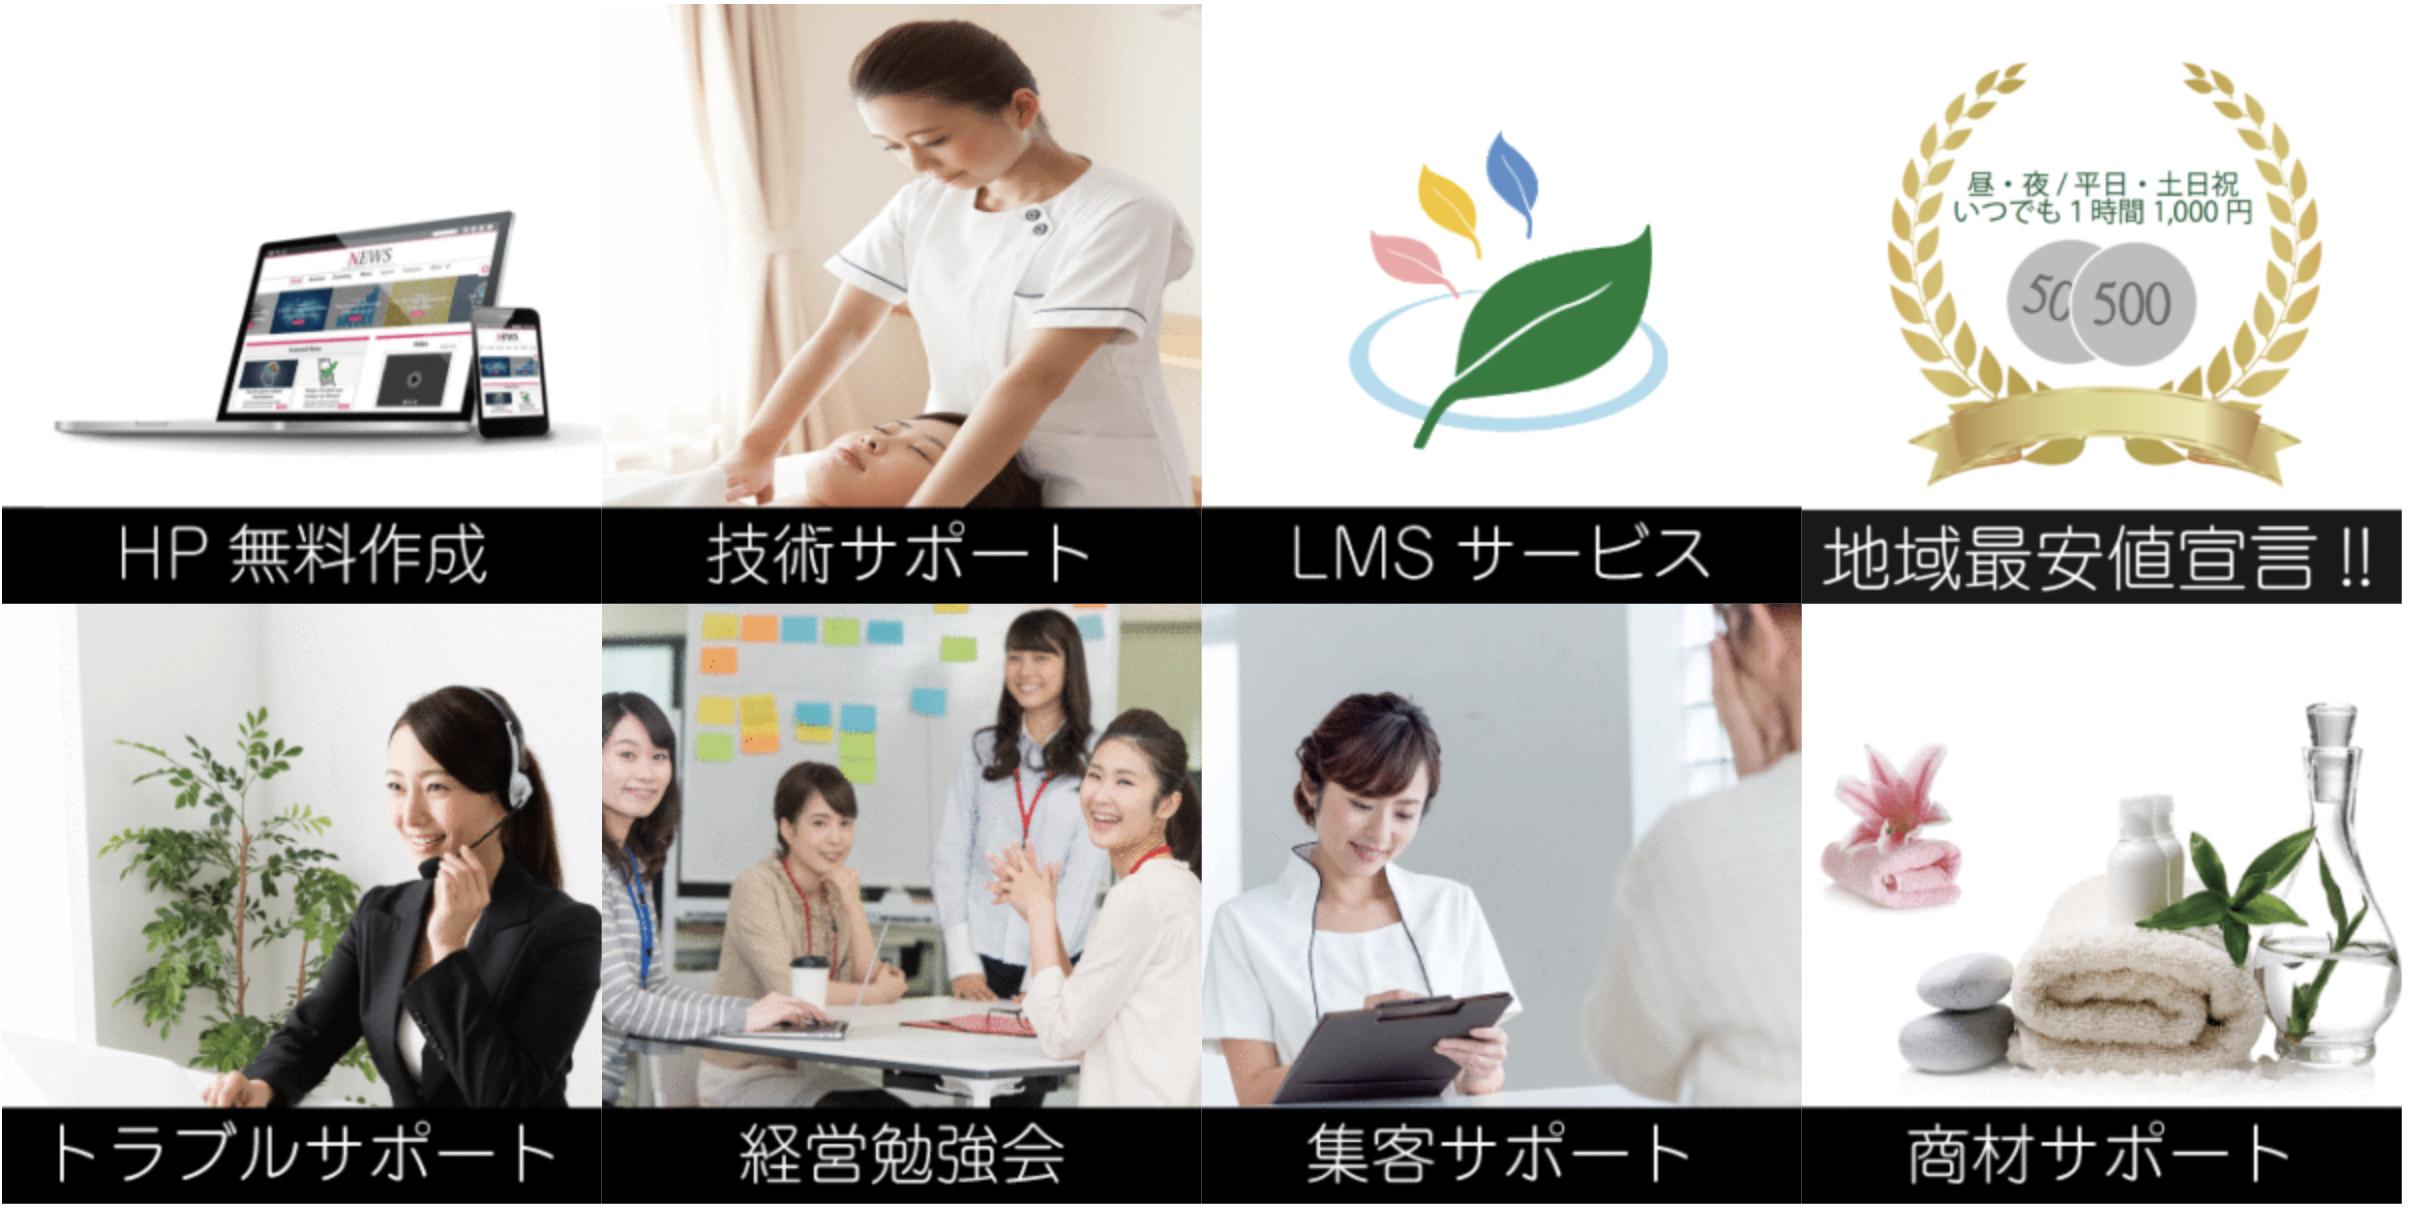 レンタルサロン池袋駅新宿銀座駅恵比寿